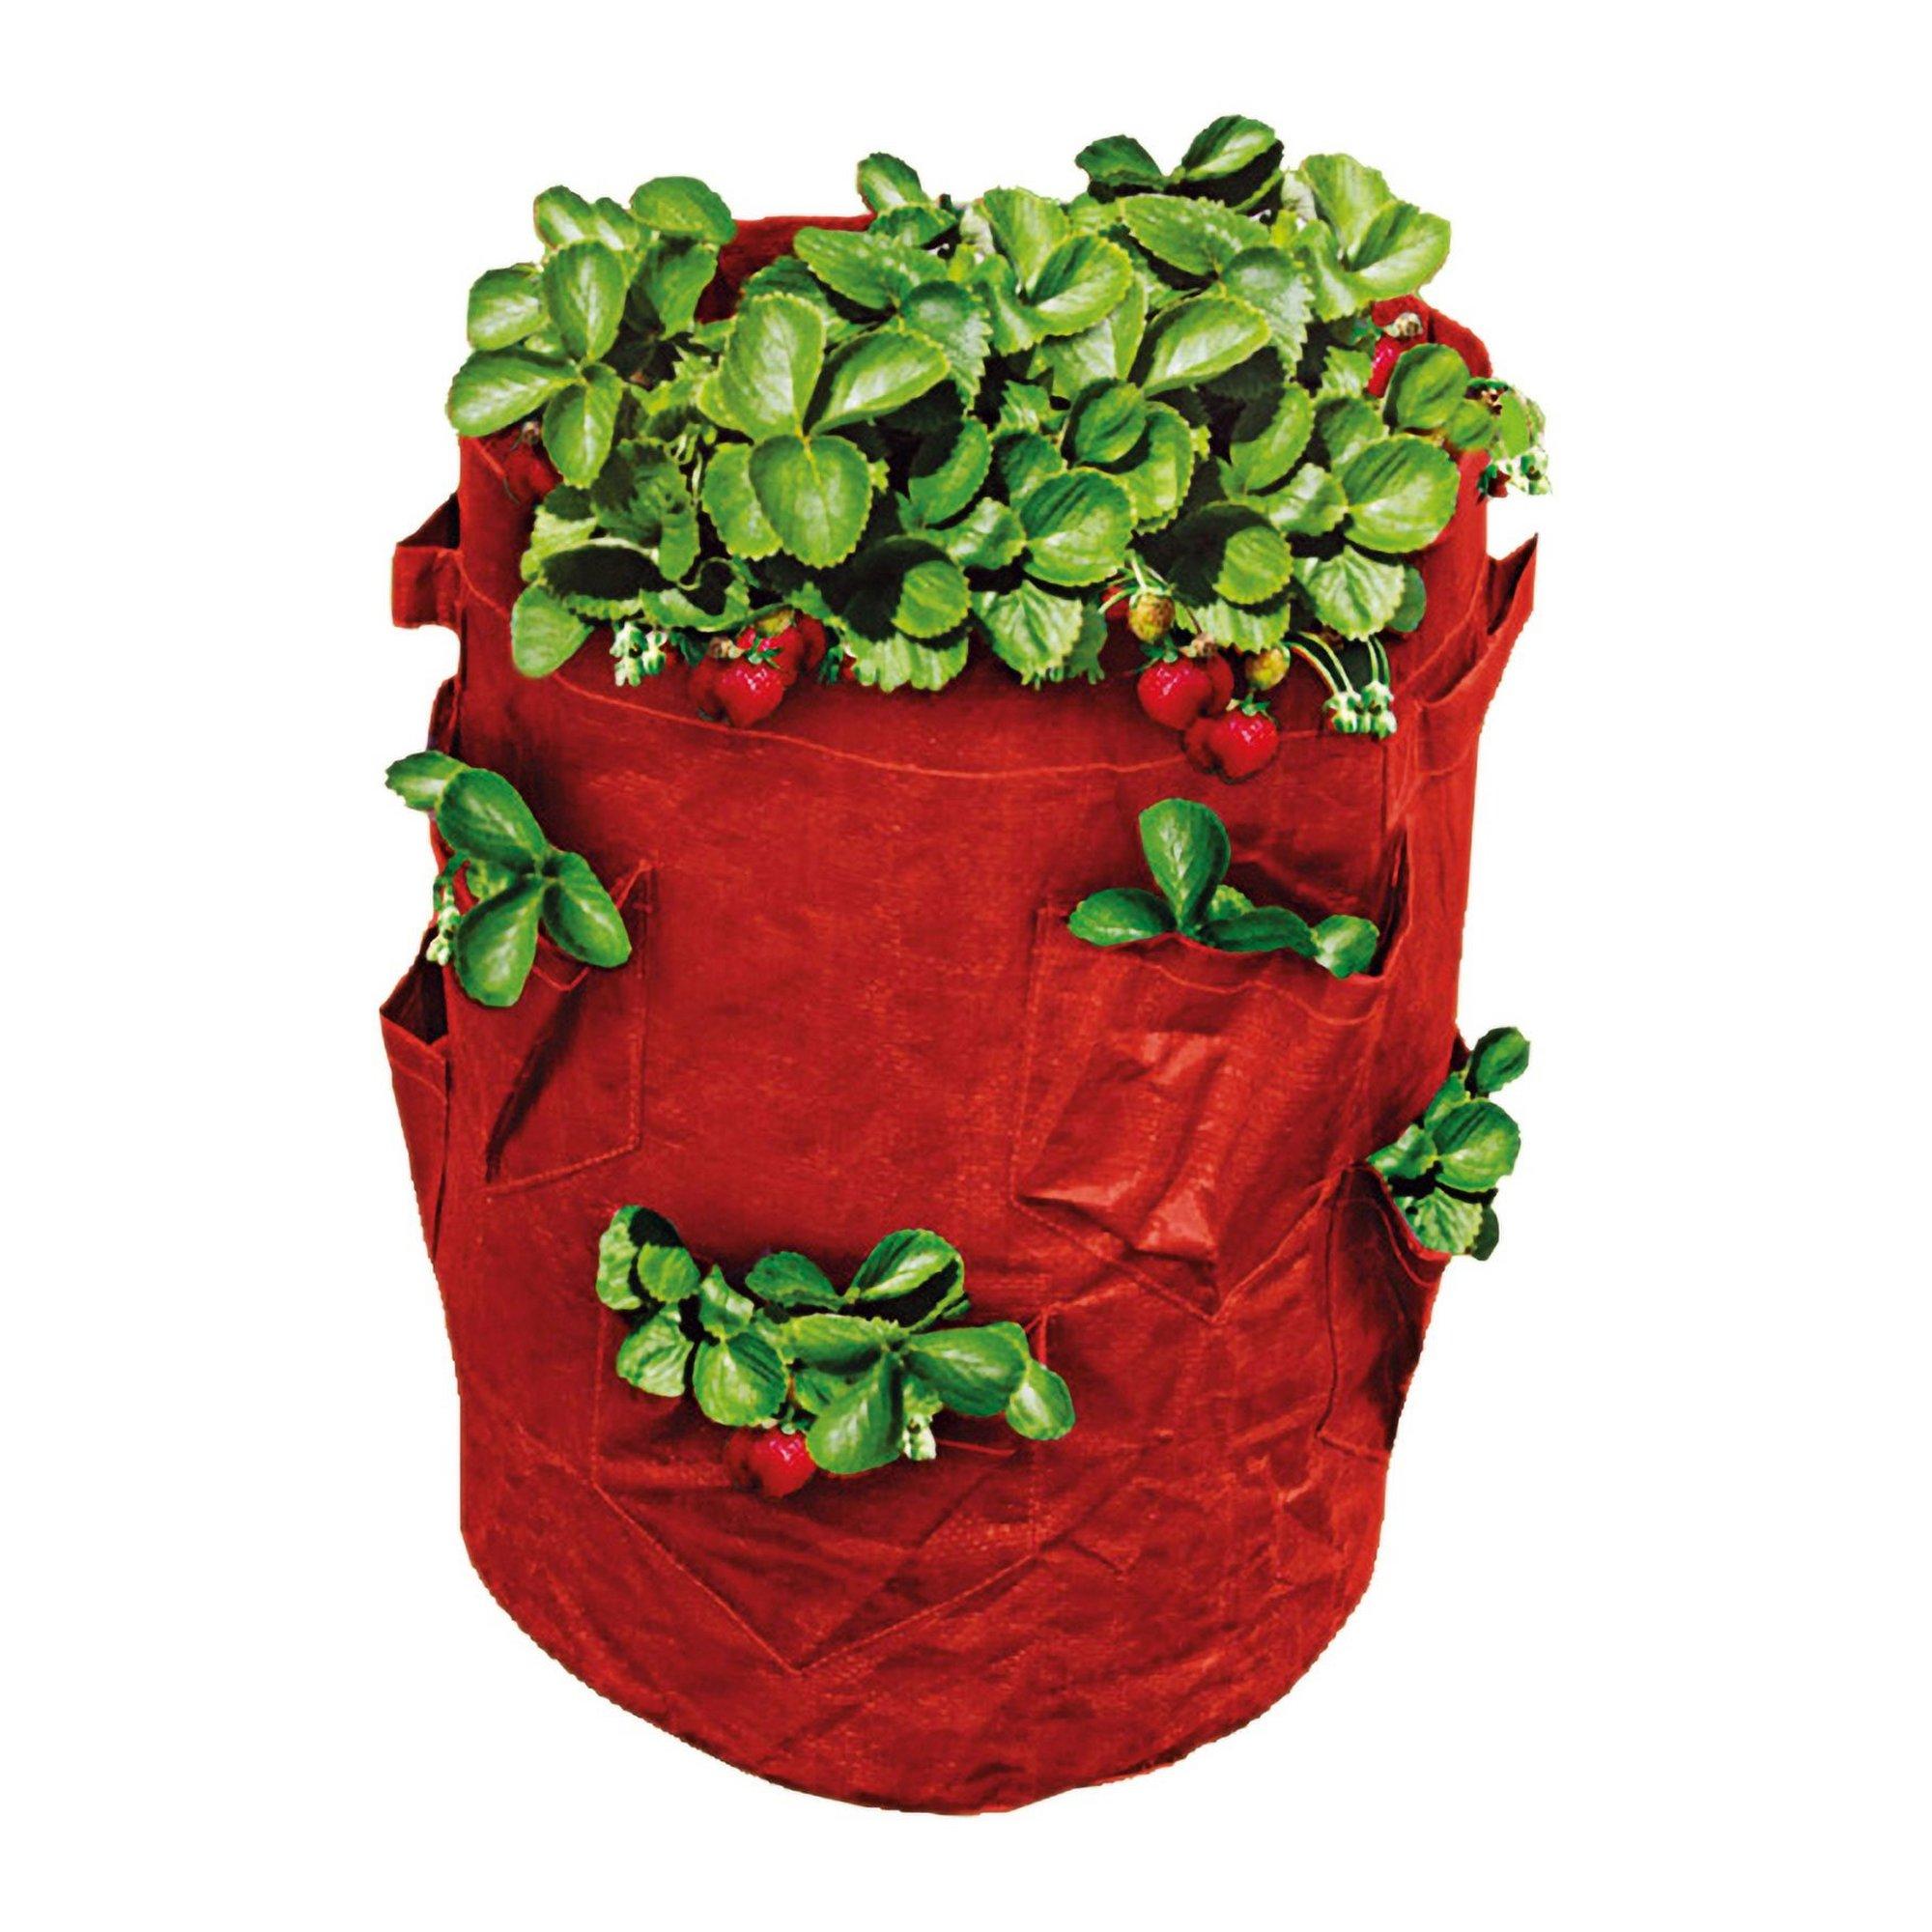 Image of 43 Litre Strawberry Grow Bag